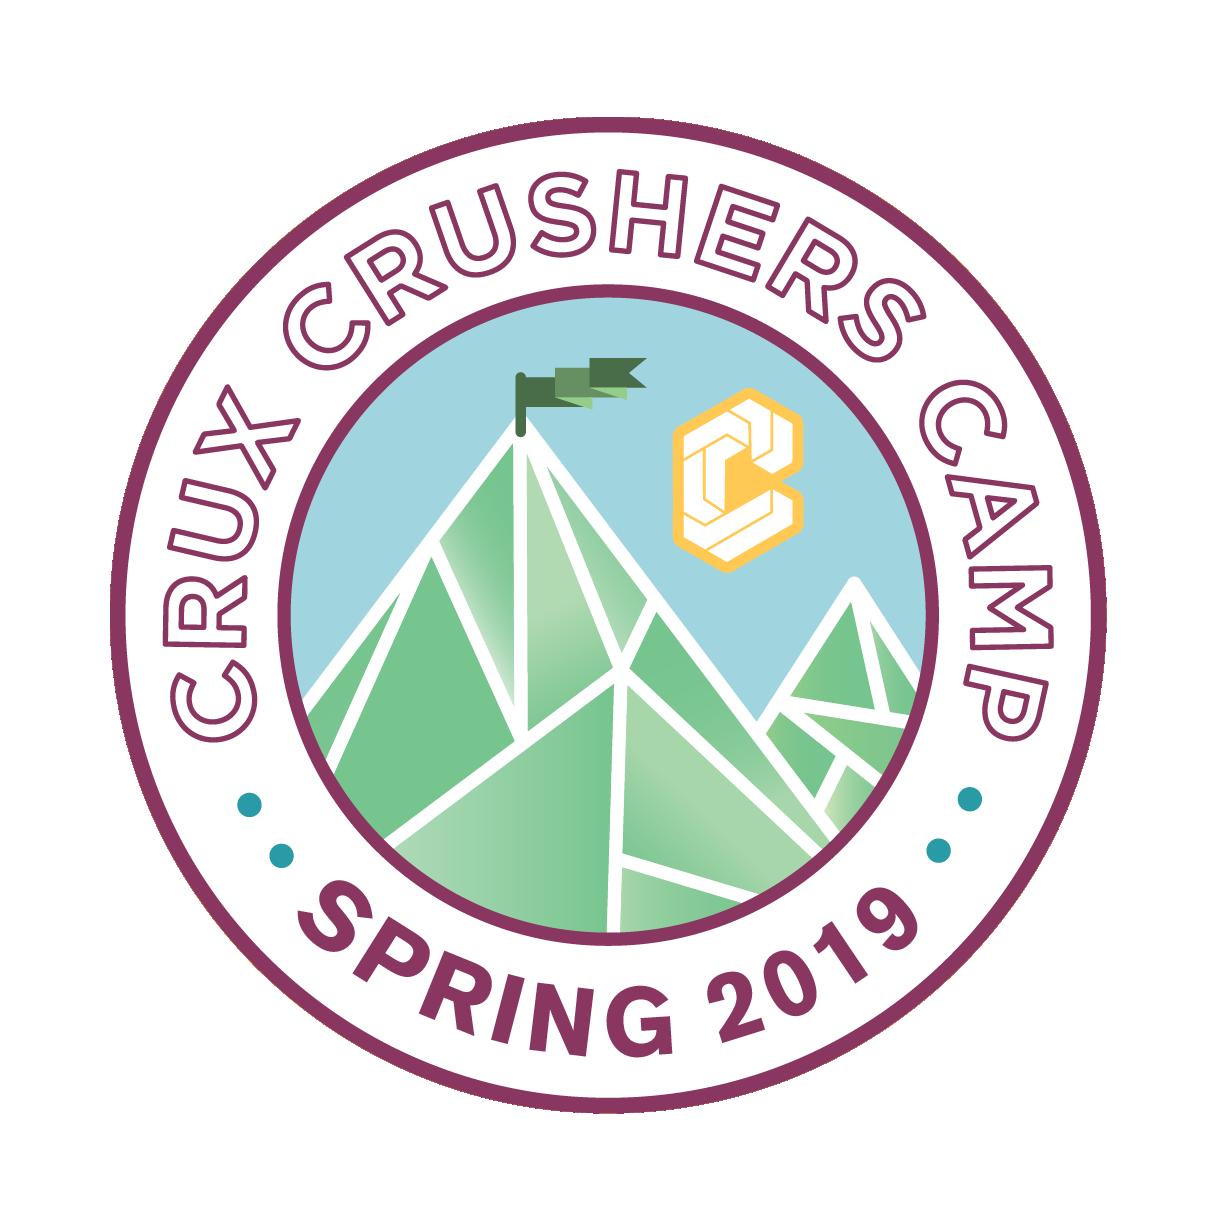 Crux Crushers Camp - Crux Climbing Center